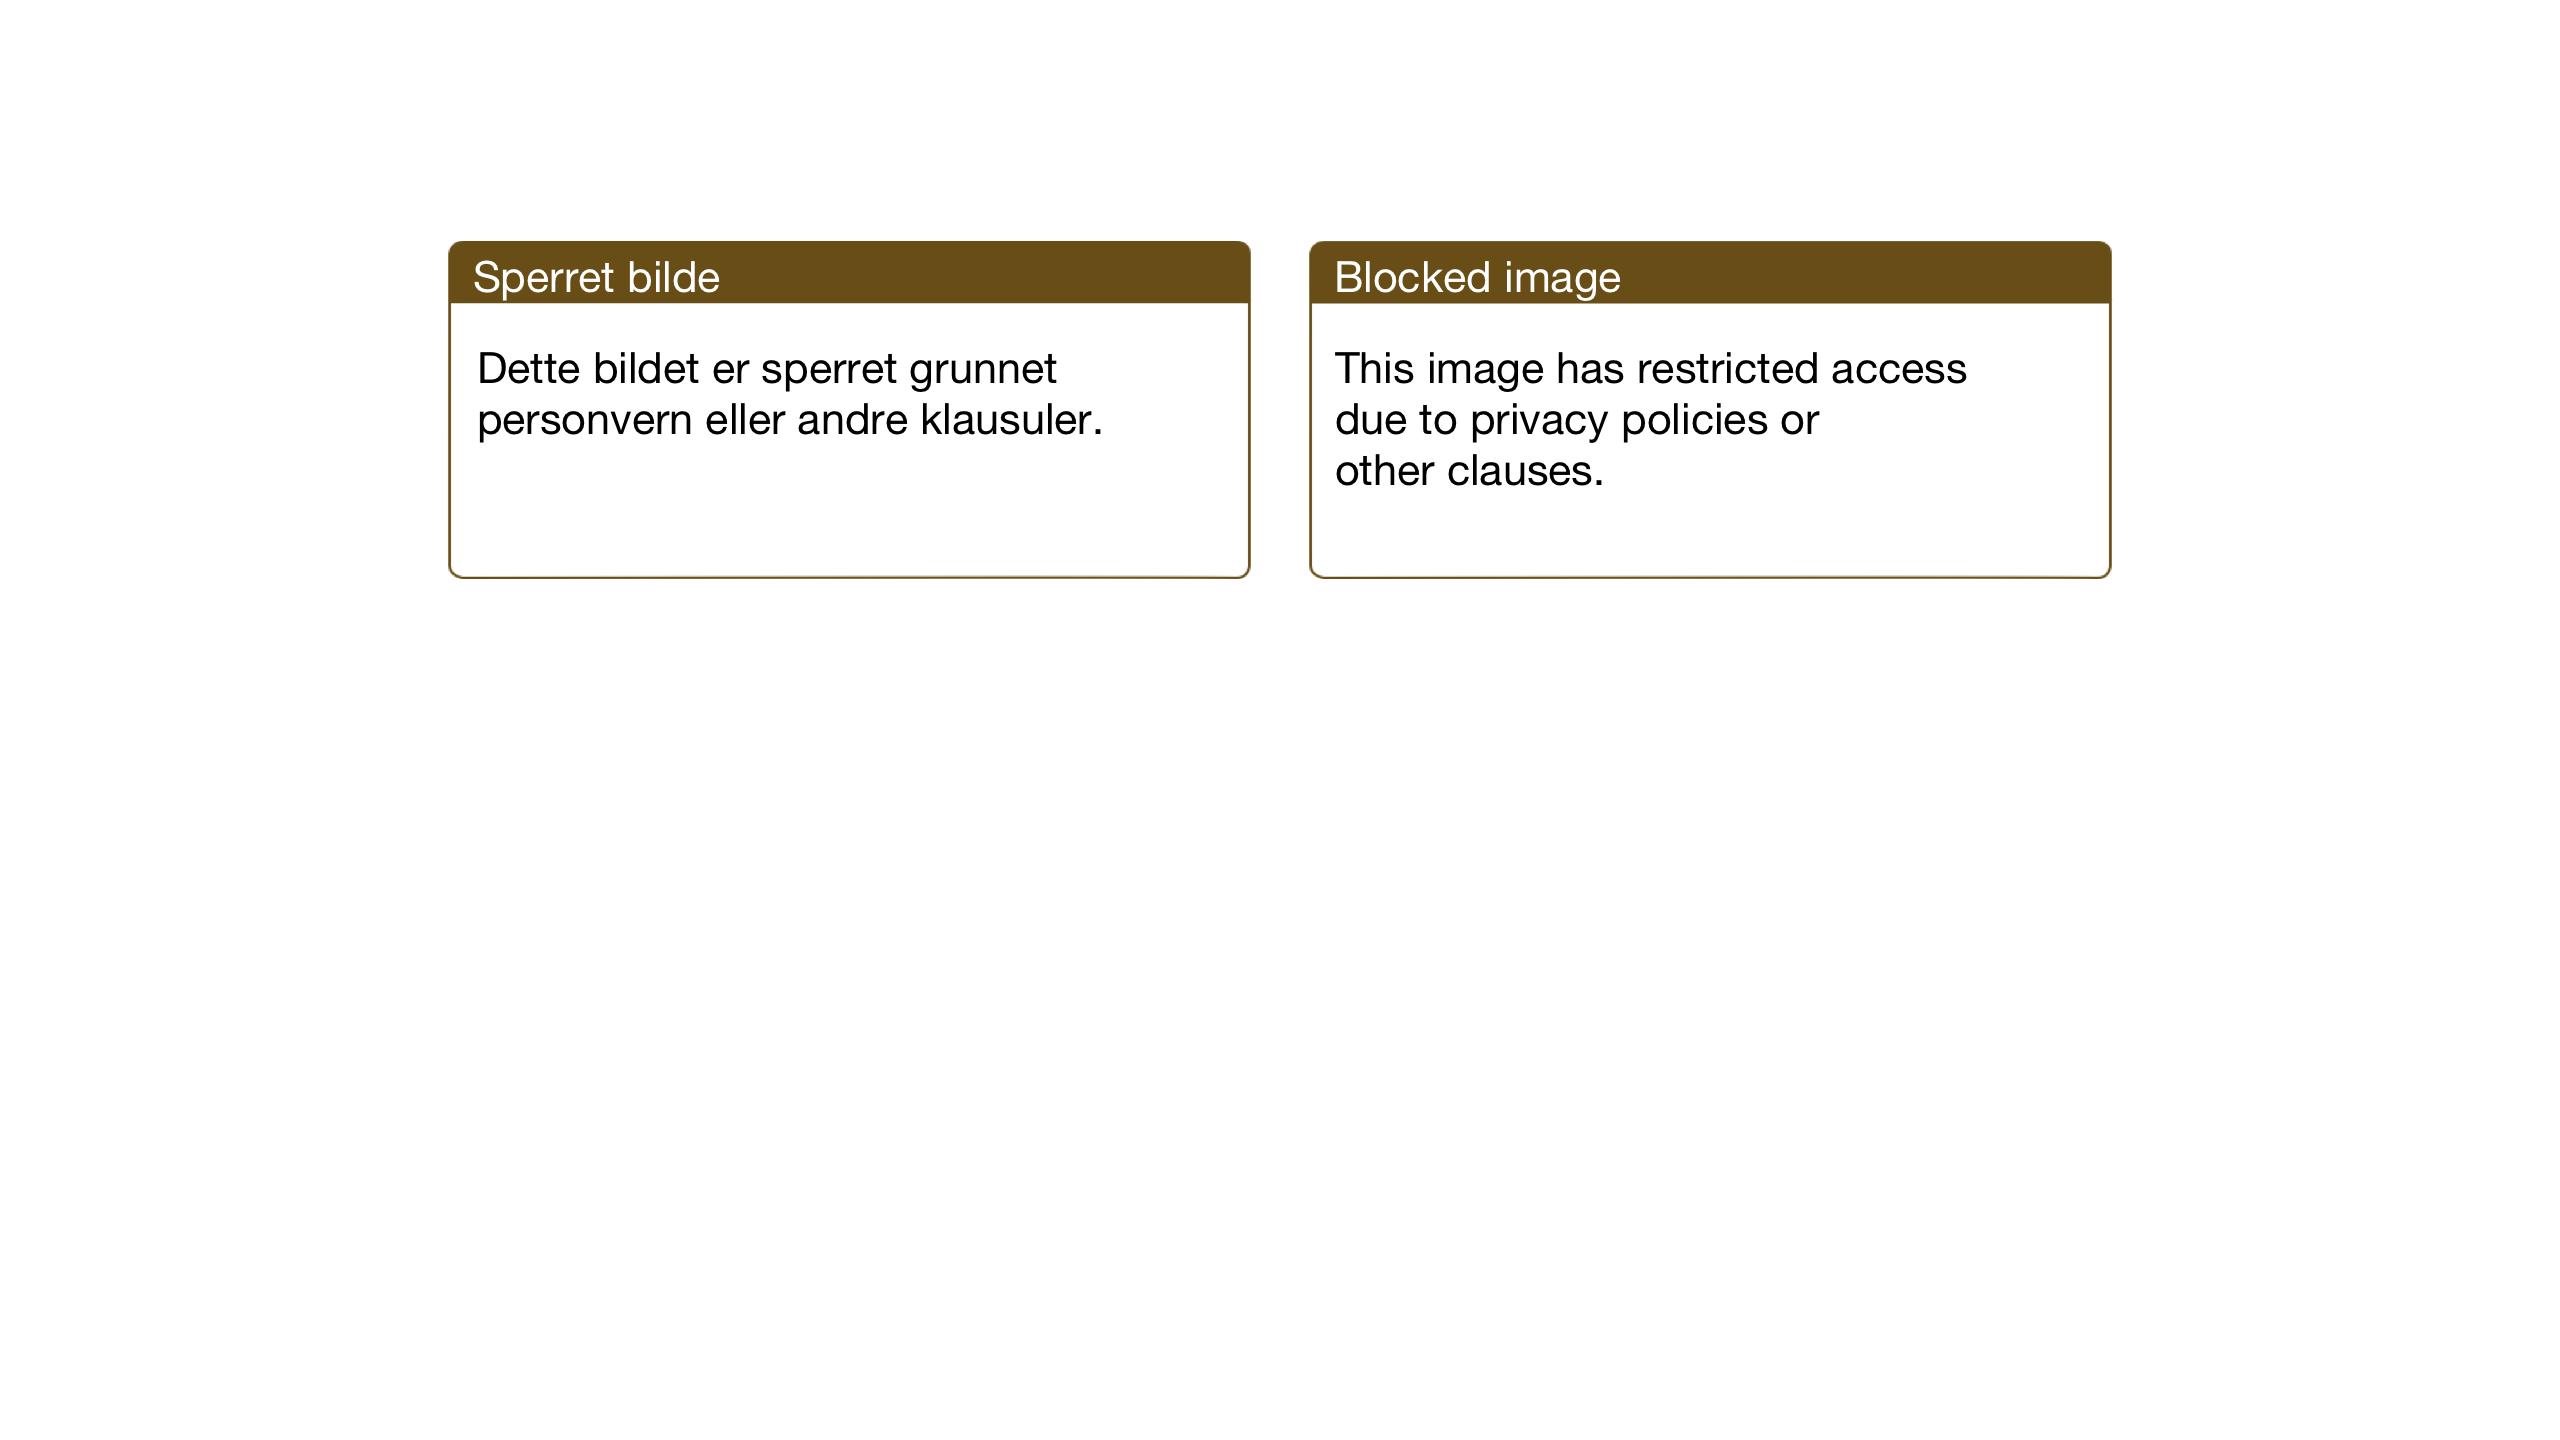 SAT, Ministerialprotokoller, klokkerbøker og fødselsregistre - Nord-Trøndelag, 721/L0209: Klokkerbok nr. 721C02, 1918-1940, s. 59